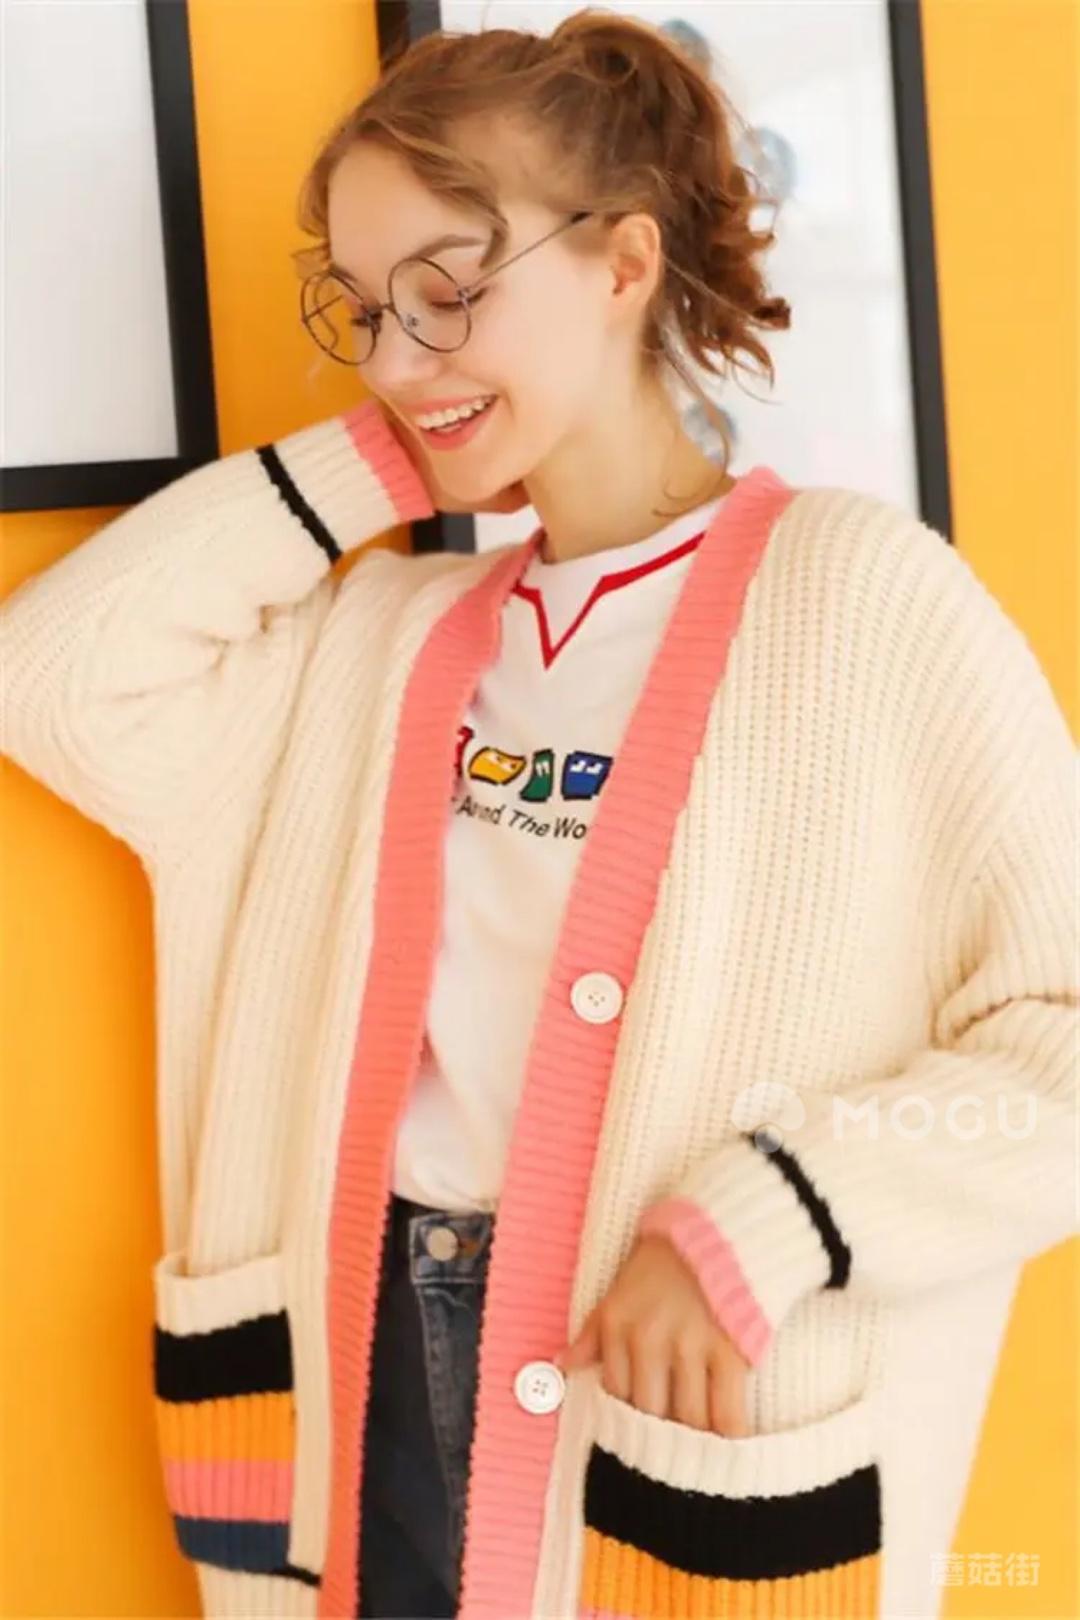 少女系毛衣 #什么值得买#